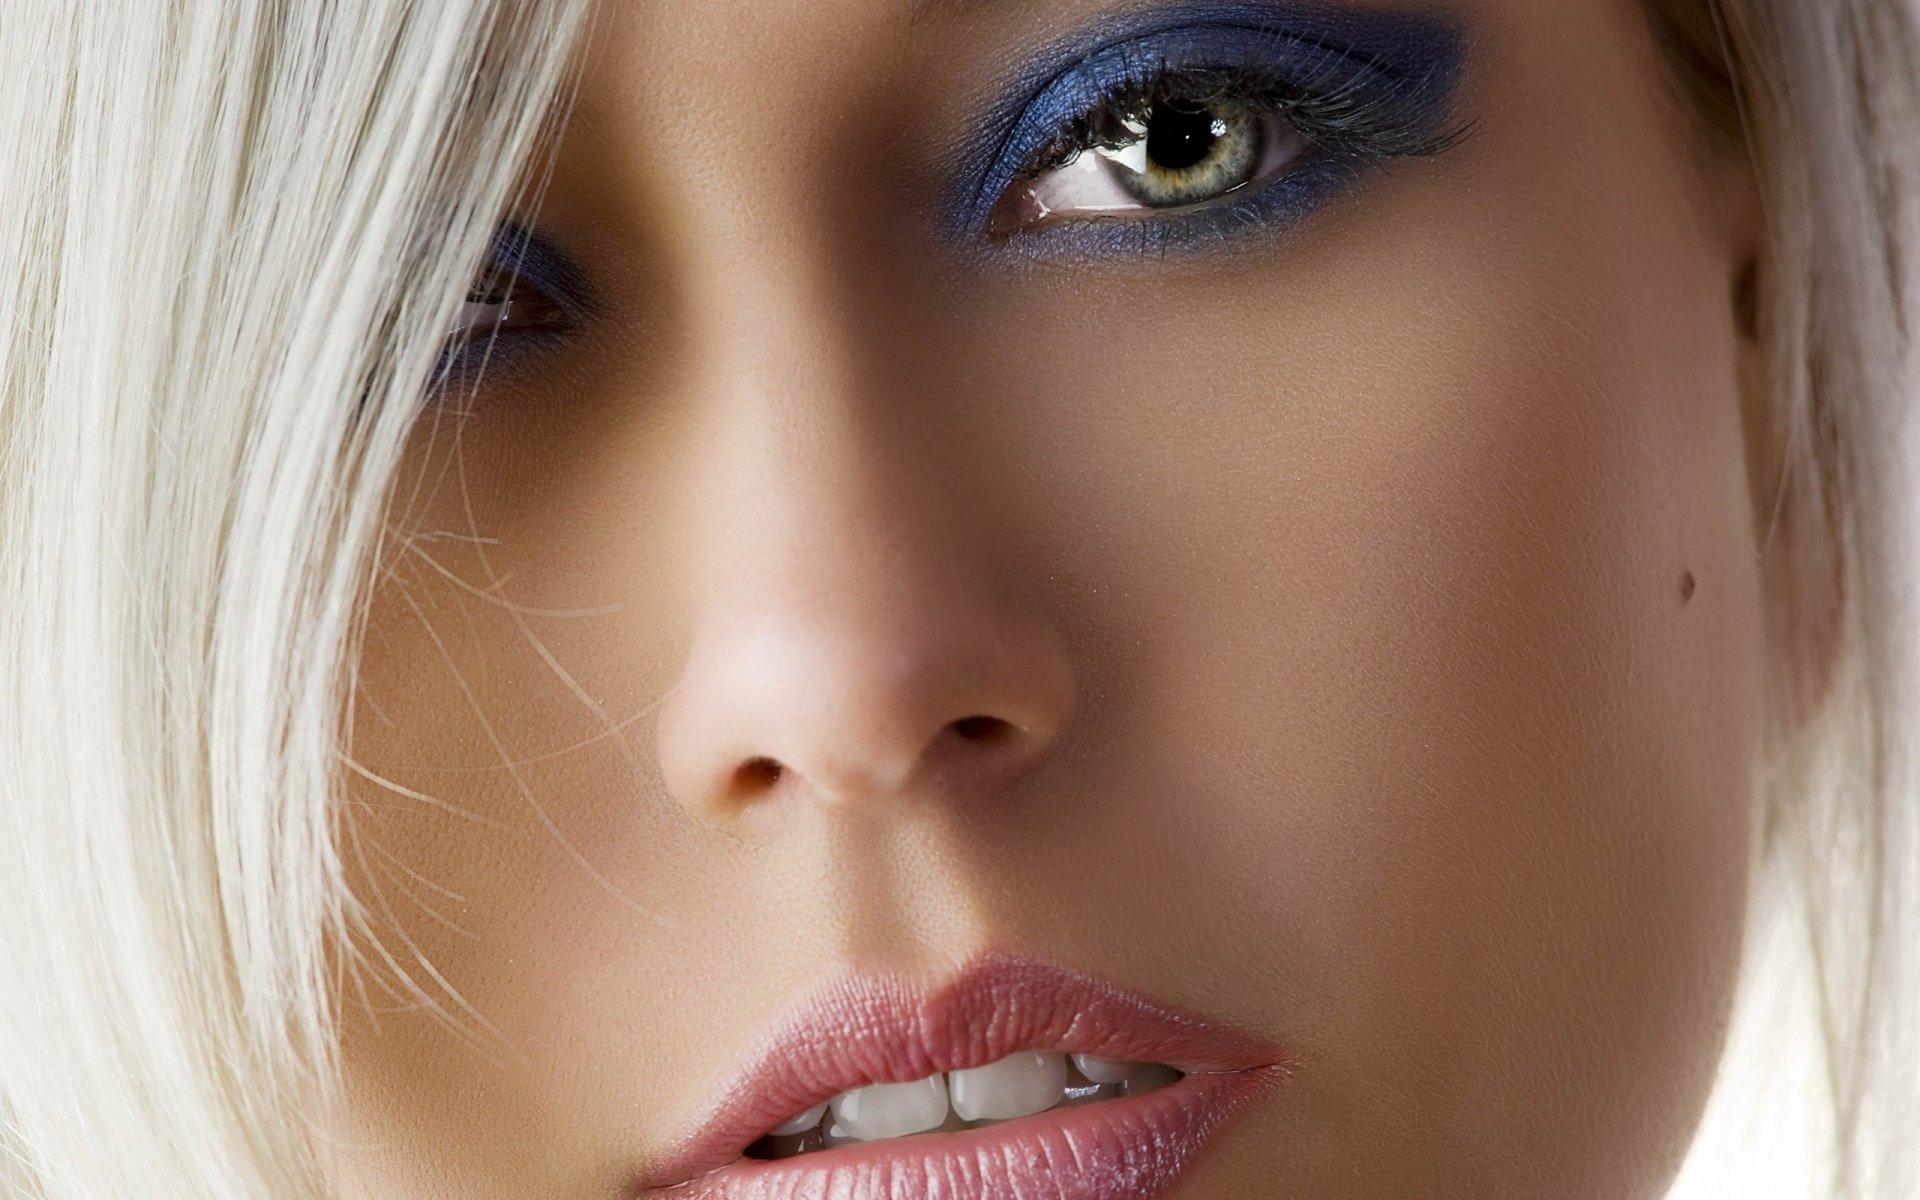 подозреваете фото красивых женщин и девушек высокого качества обхватив жену талию